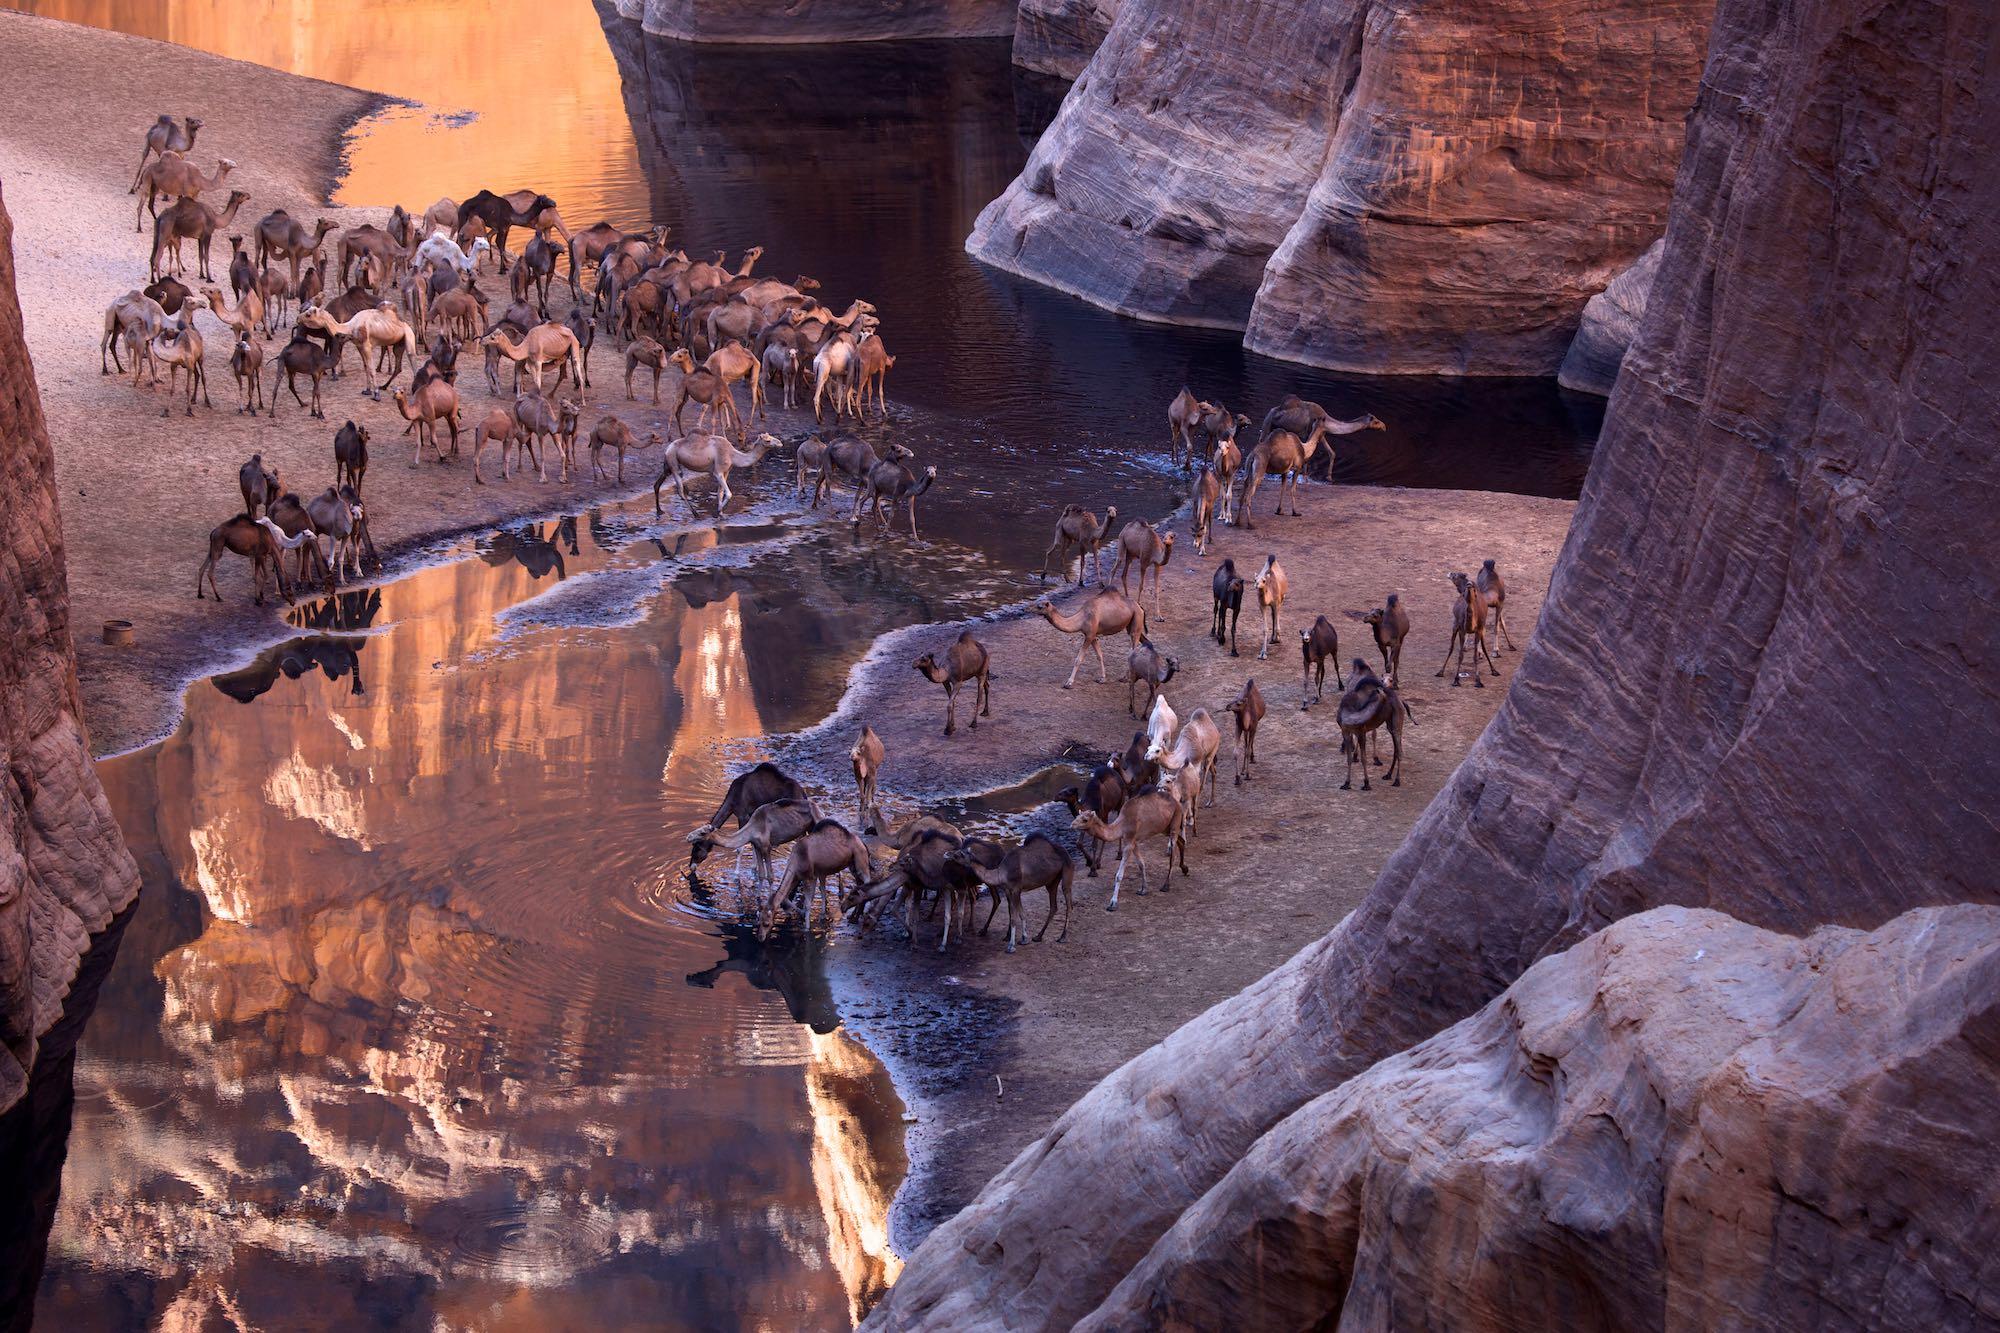 Kamele in der Schlucht von Archei im Ennedigebirge, Tschad, Afrika